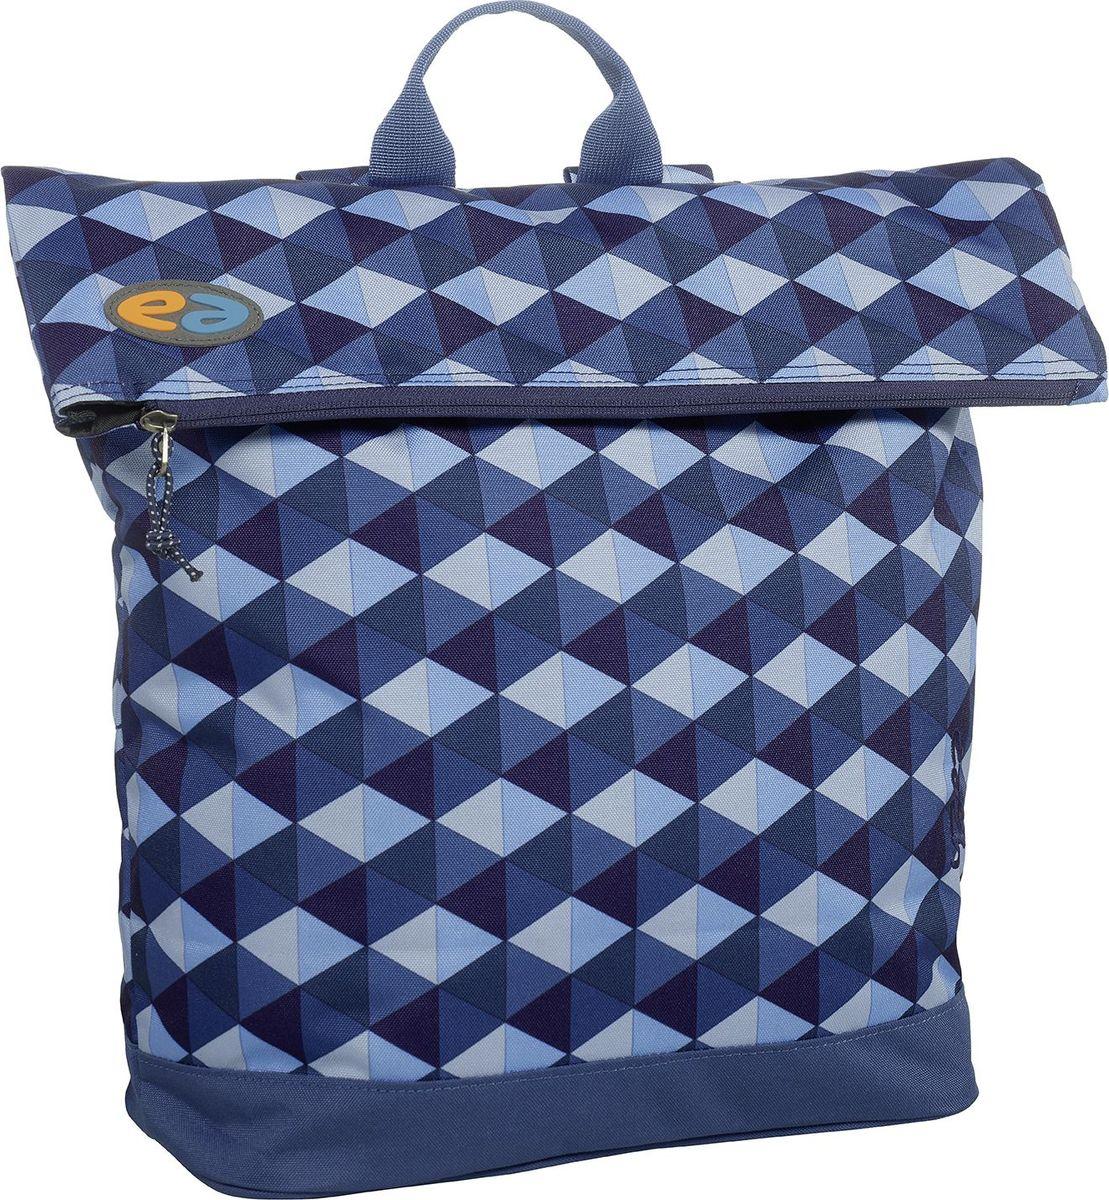 Thorka Рюкзак YZEA Courier Облако29010627012Рюкзак Thorka YZEA Courier имеет одно основное отделение. В удобном органайзере мелкие вещи всегда под рукой, имеется съемный карабин. Фиксированная короткая ручка обеспечивает удобный перенос рюкзака не только на спине, но и в руках.Этот рюкзак можно использовать для повседневных прогулок, учебы, отдыха и спорта, а также как элемент вашего имиджа.